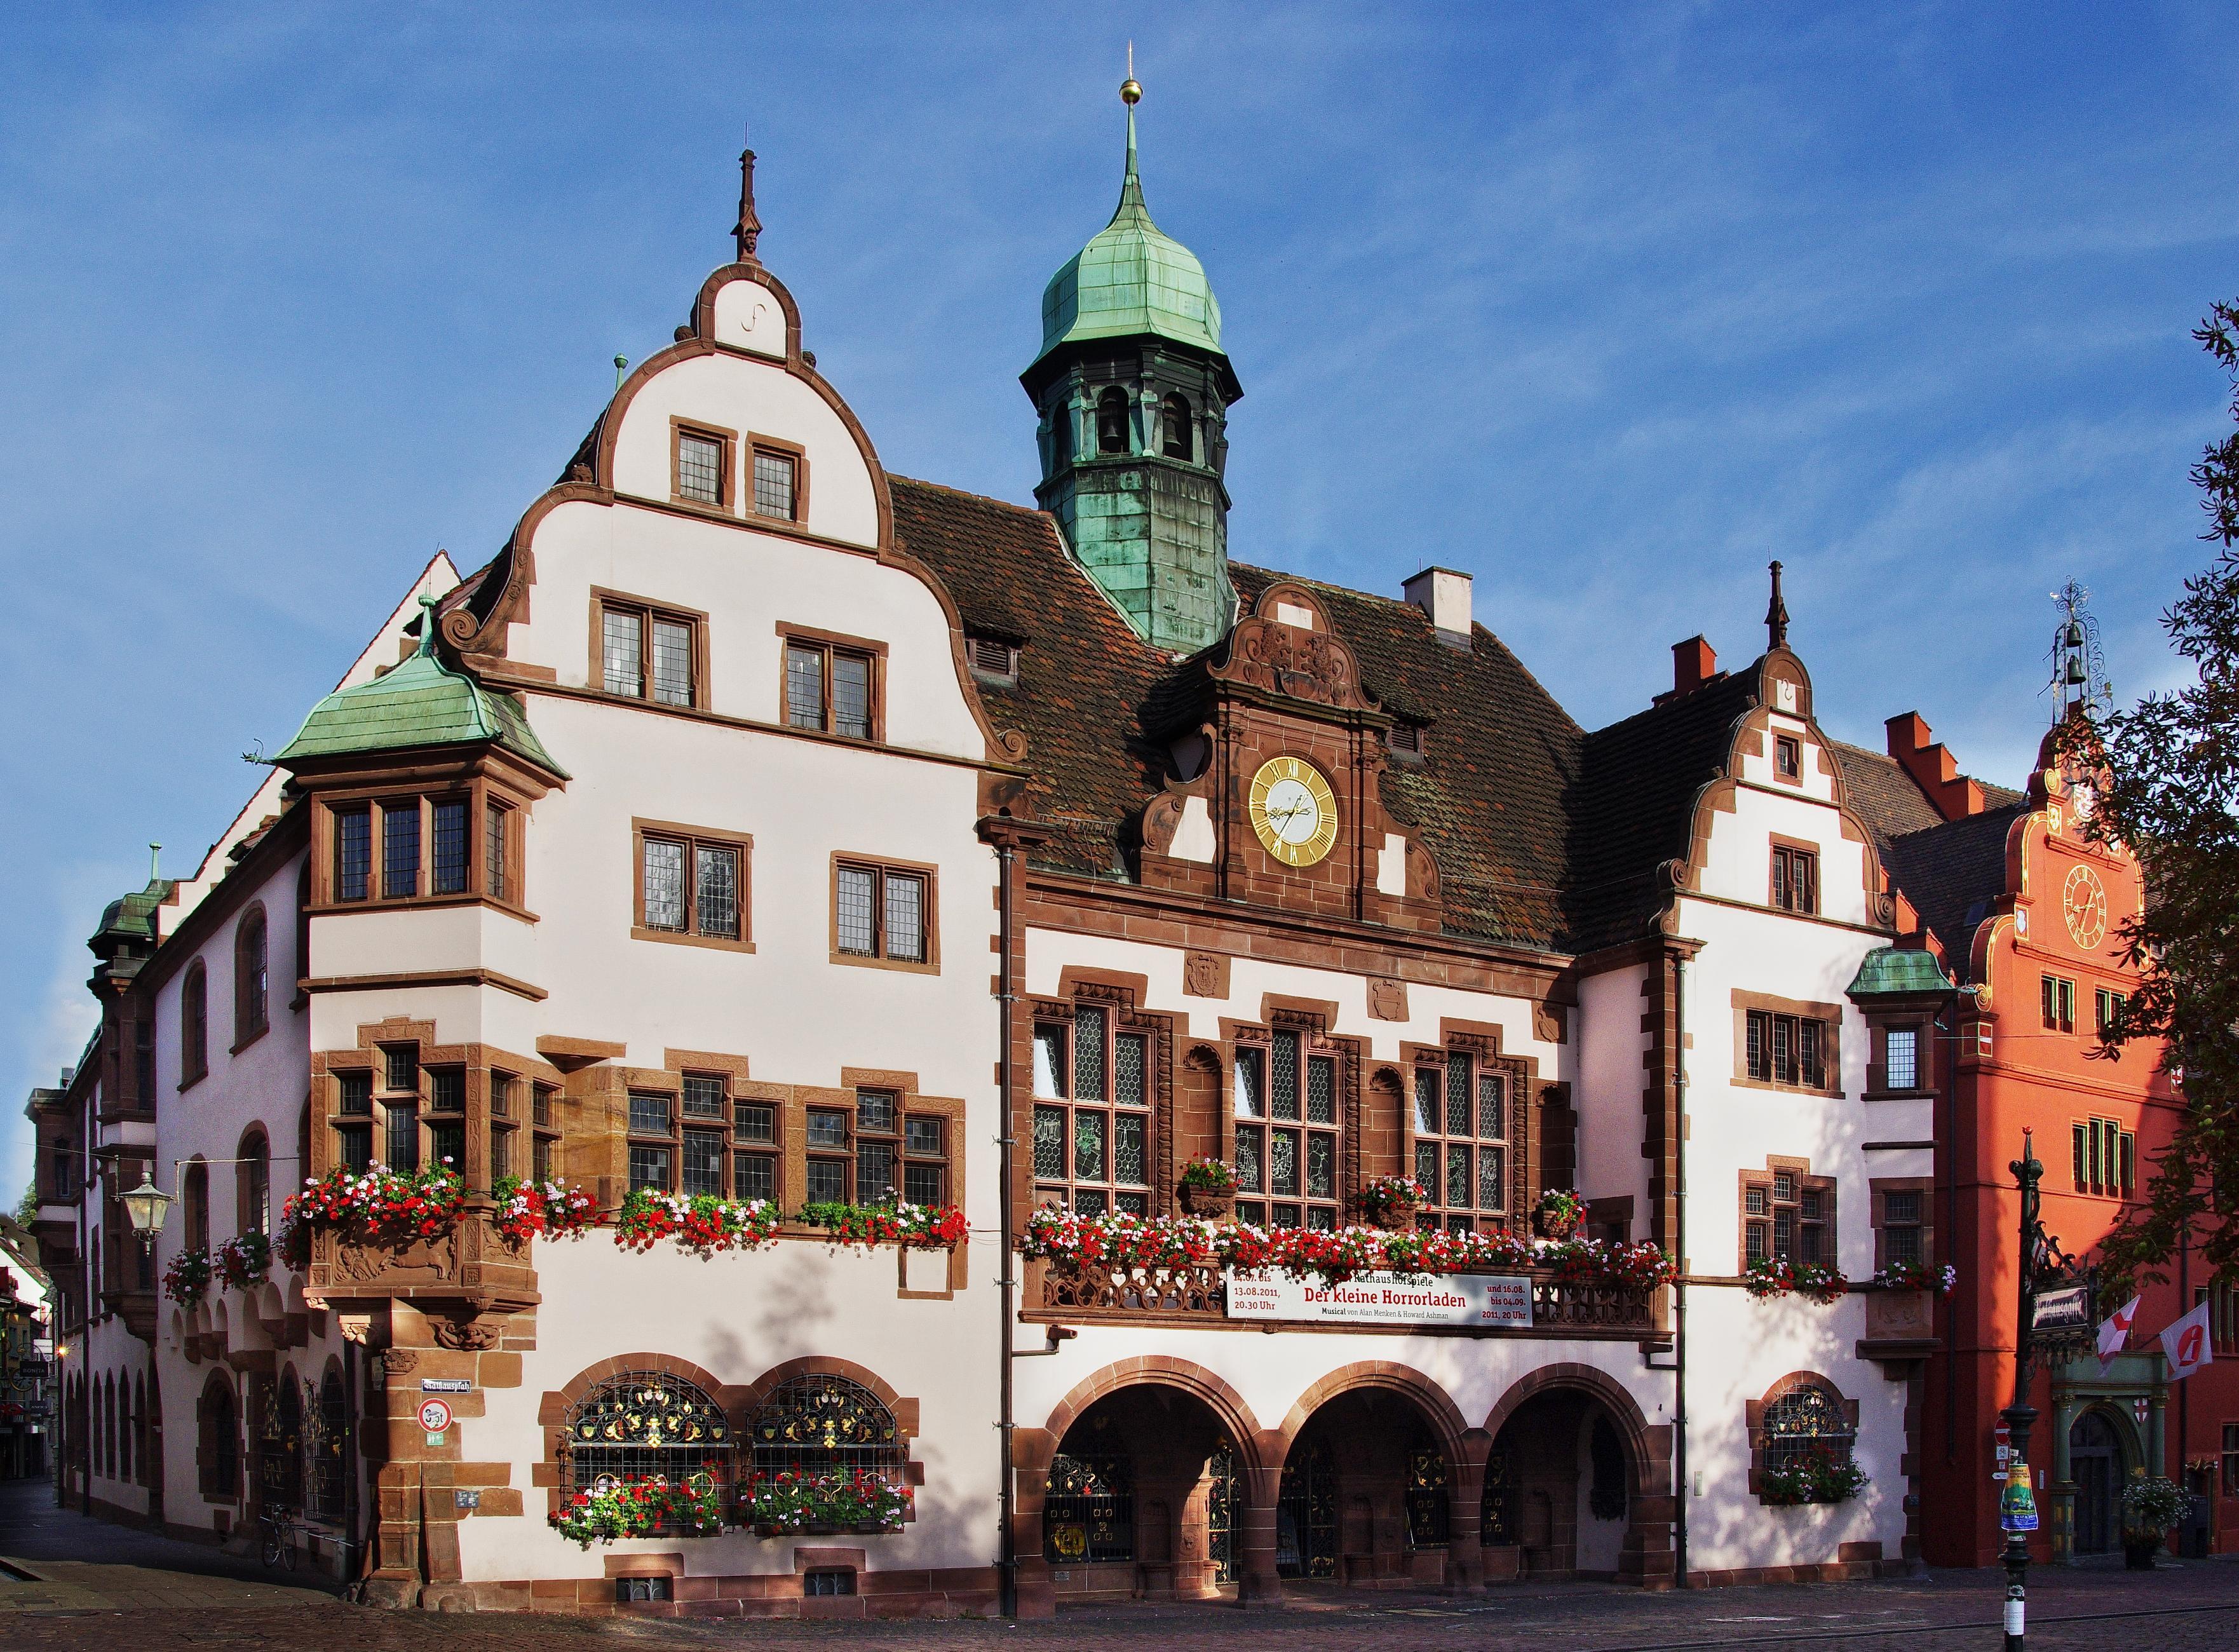 Freiburg sehensw rdigkeiten thinglink for Designhotel stadtgarten freiburg